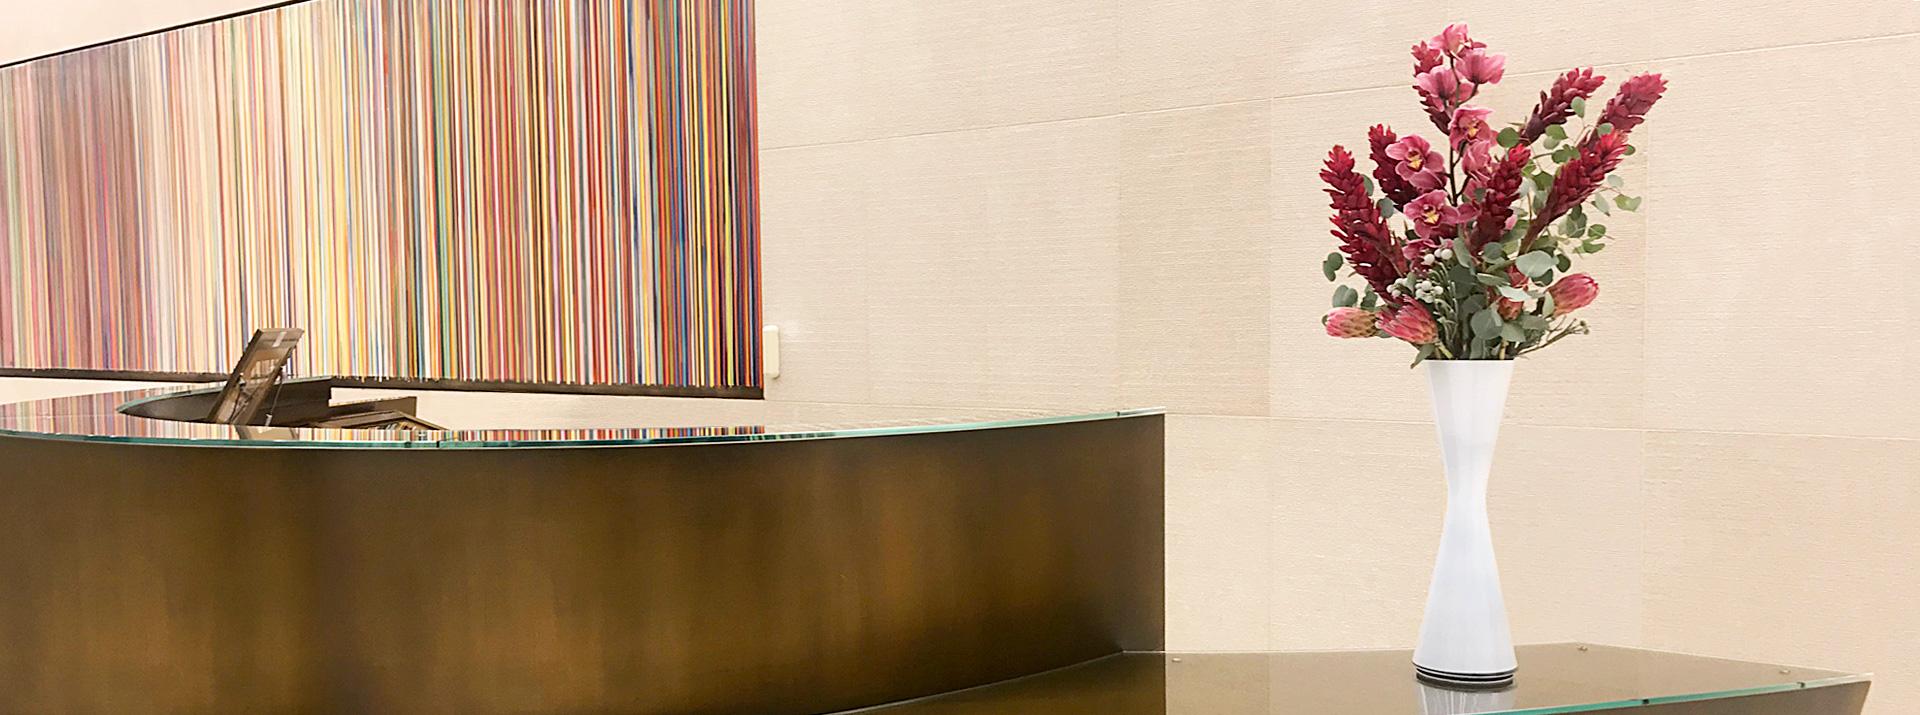 Luludi Living Art Lobby 75 Rockefeller Center NYC